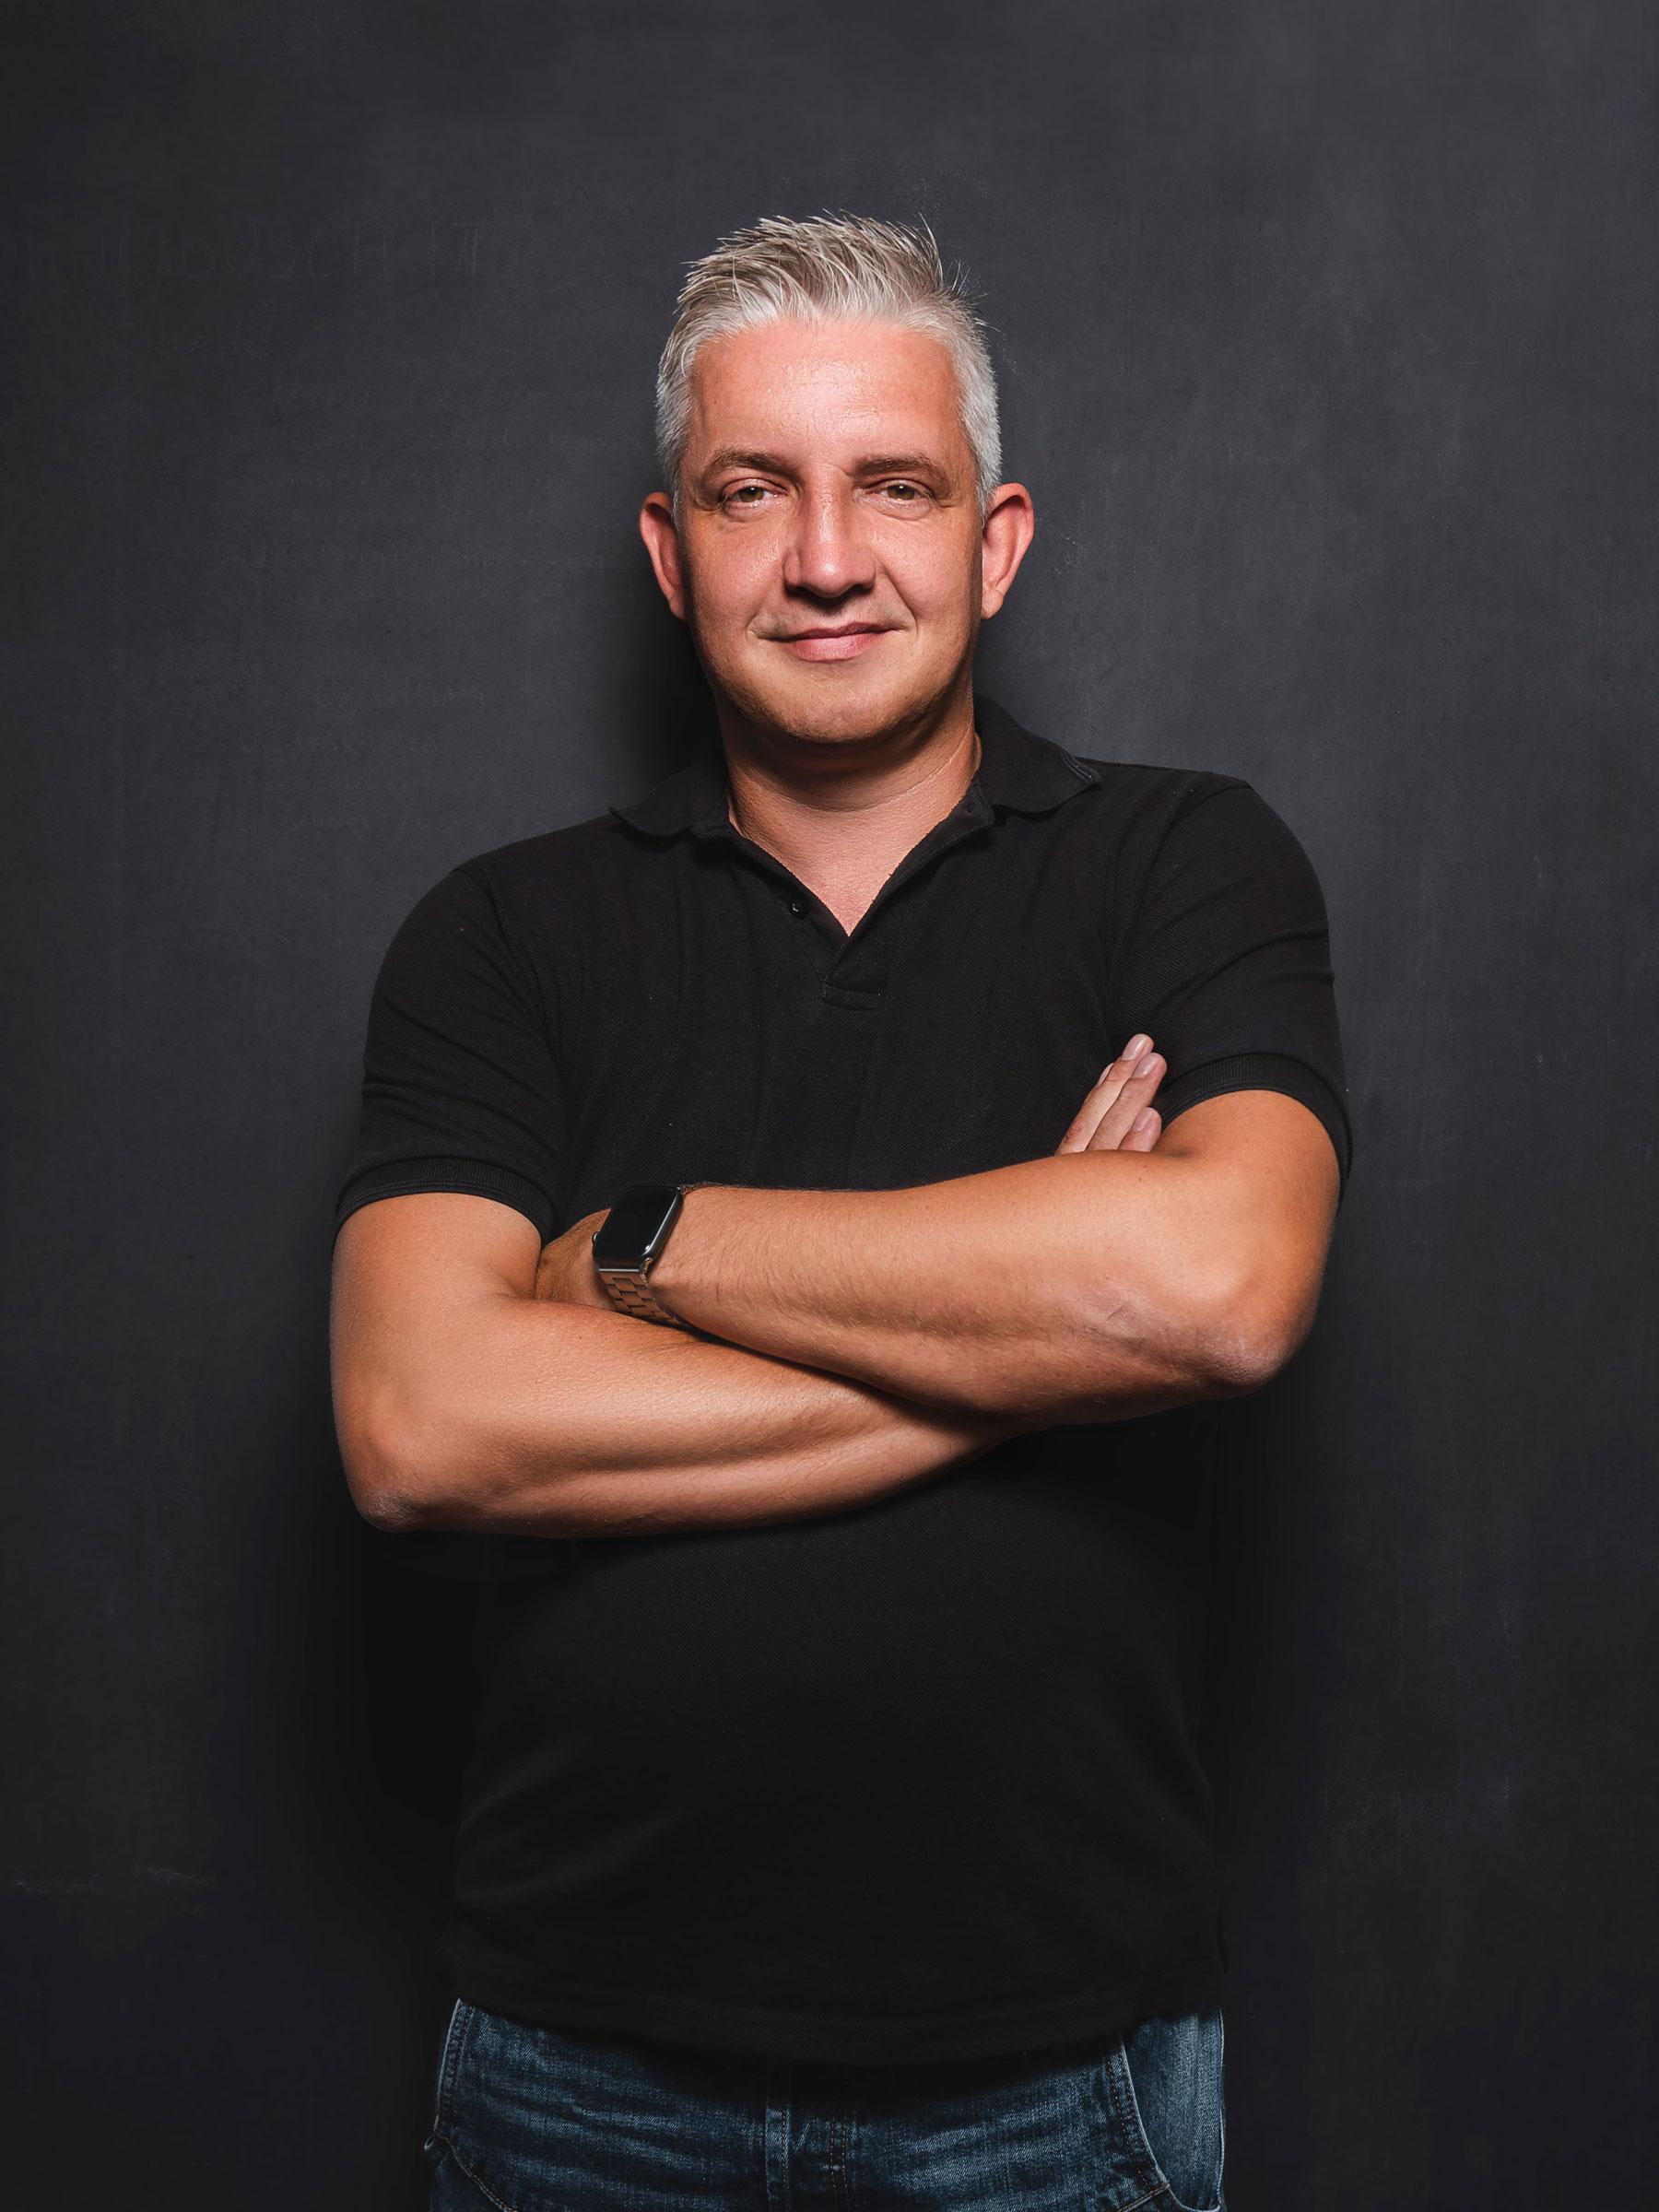 Teamfoto Matthias Brambosch – Geschäftsführer BCS Design Lab